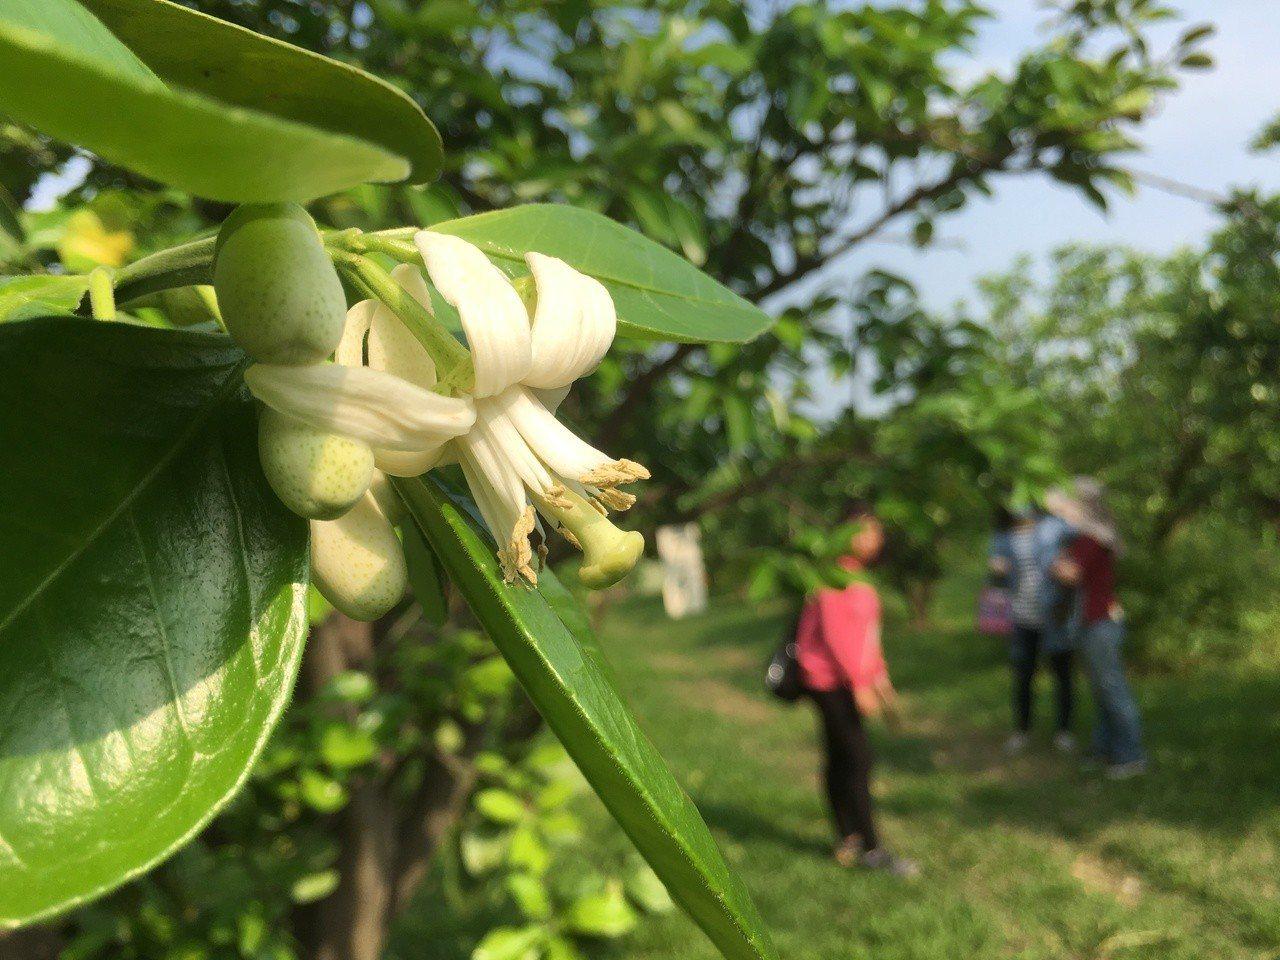 斗六市是國內文旦重要產地,每年3月柚花盛開期間,整個斗六猶如被灑了柚花香水般,為...